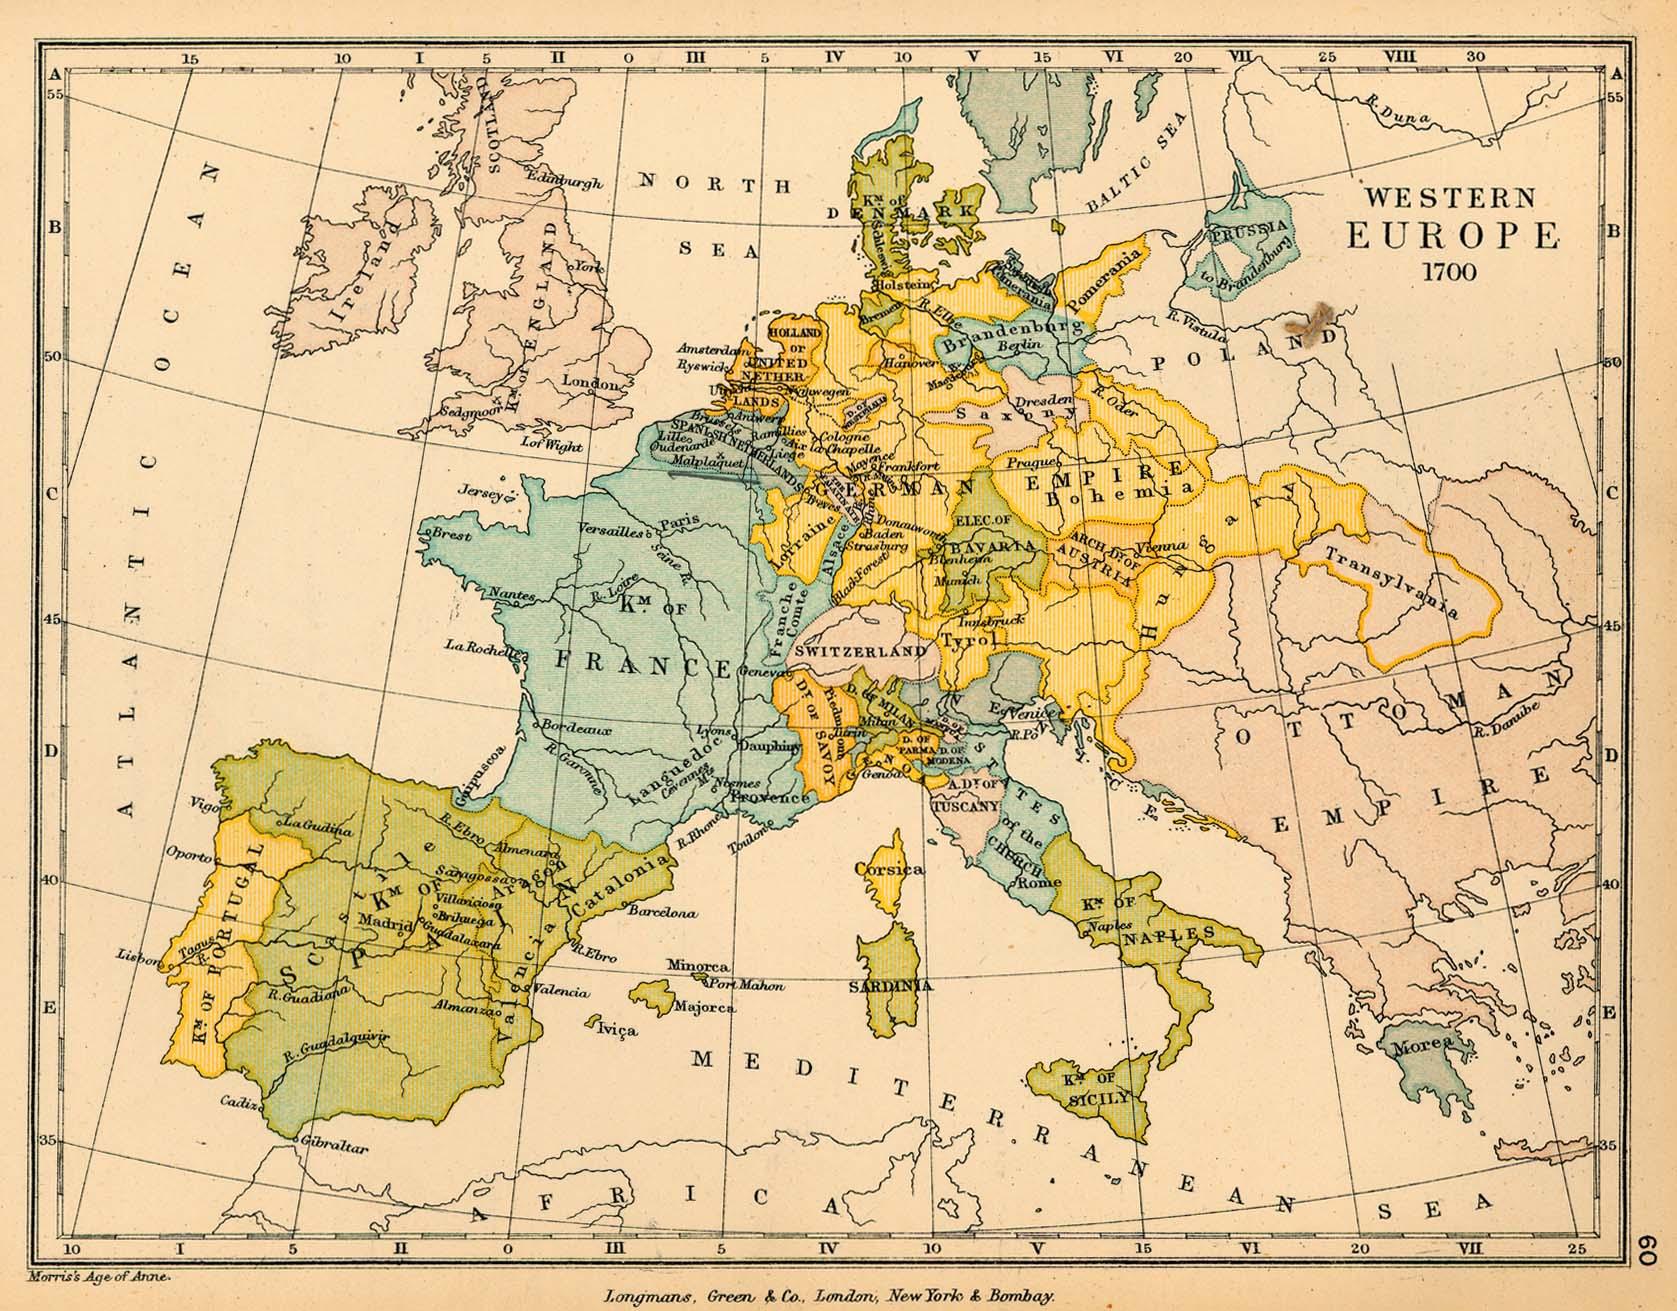 Europa Occidental en 1700